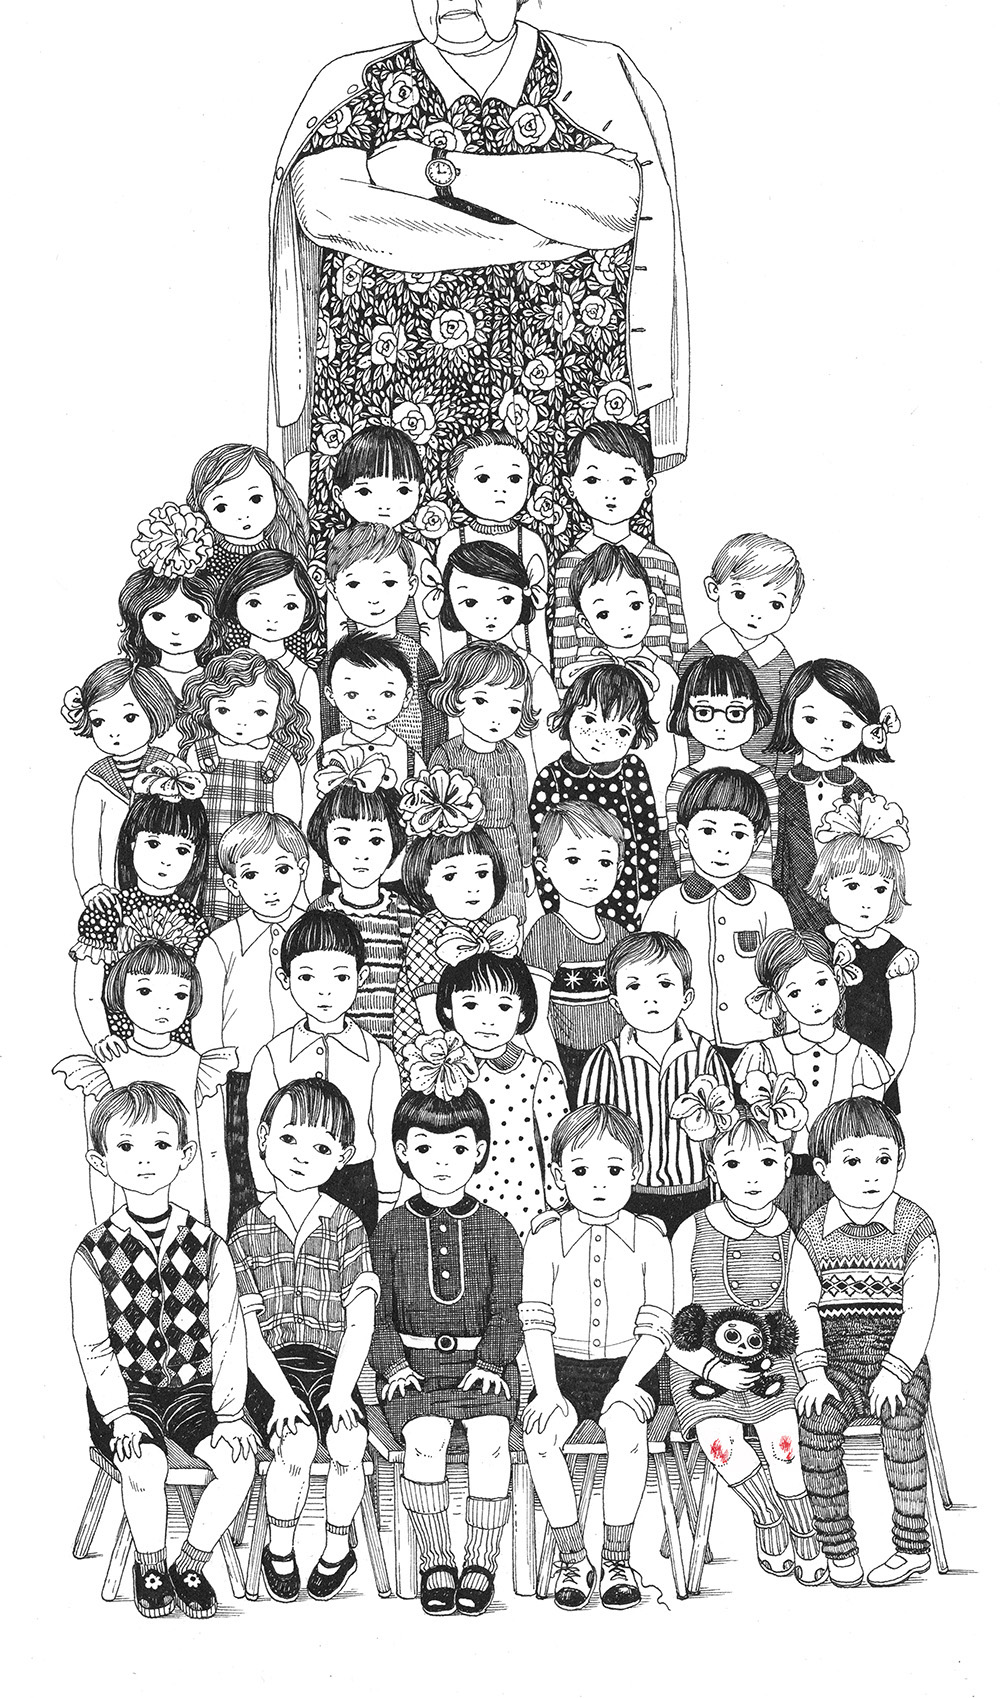 Детство и лето в иллюстрациях Светы Дорошевой художника, живет, обращается, красивой, дотошной, декоративной, иллюстрации, намеком, волшебство, Родилась, Украине, сейчас, Израиле, художник, рисунок, страсть, физически, взаимодействует, своей, работой